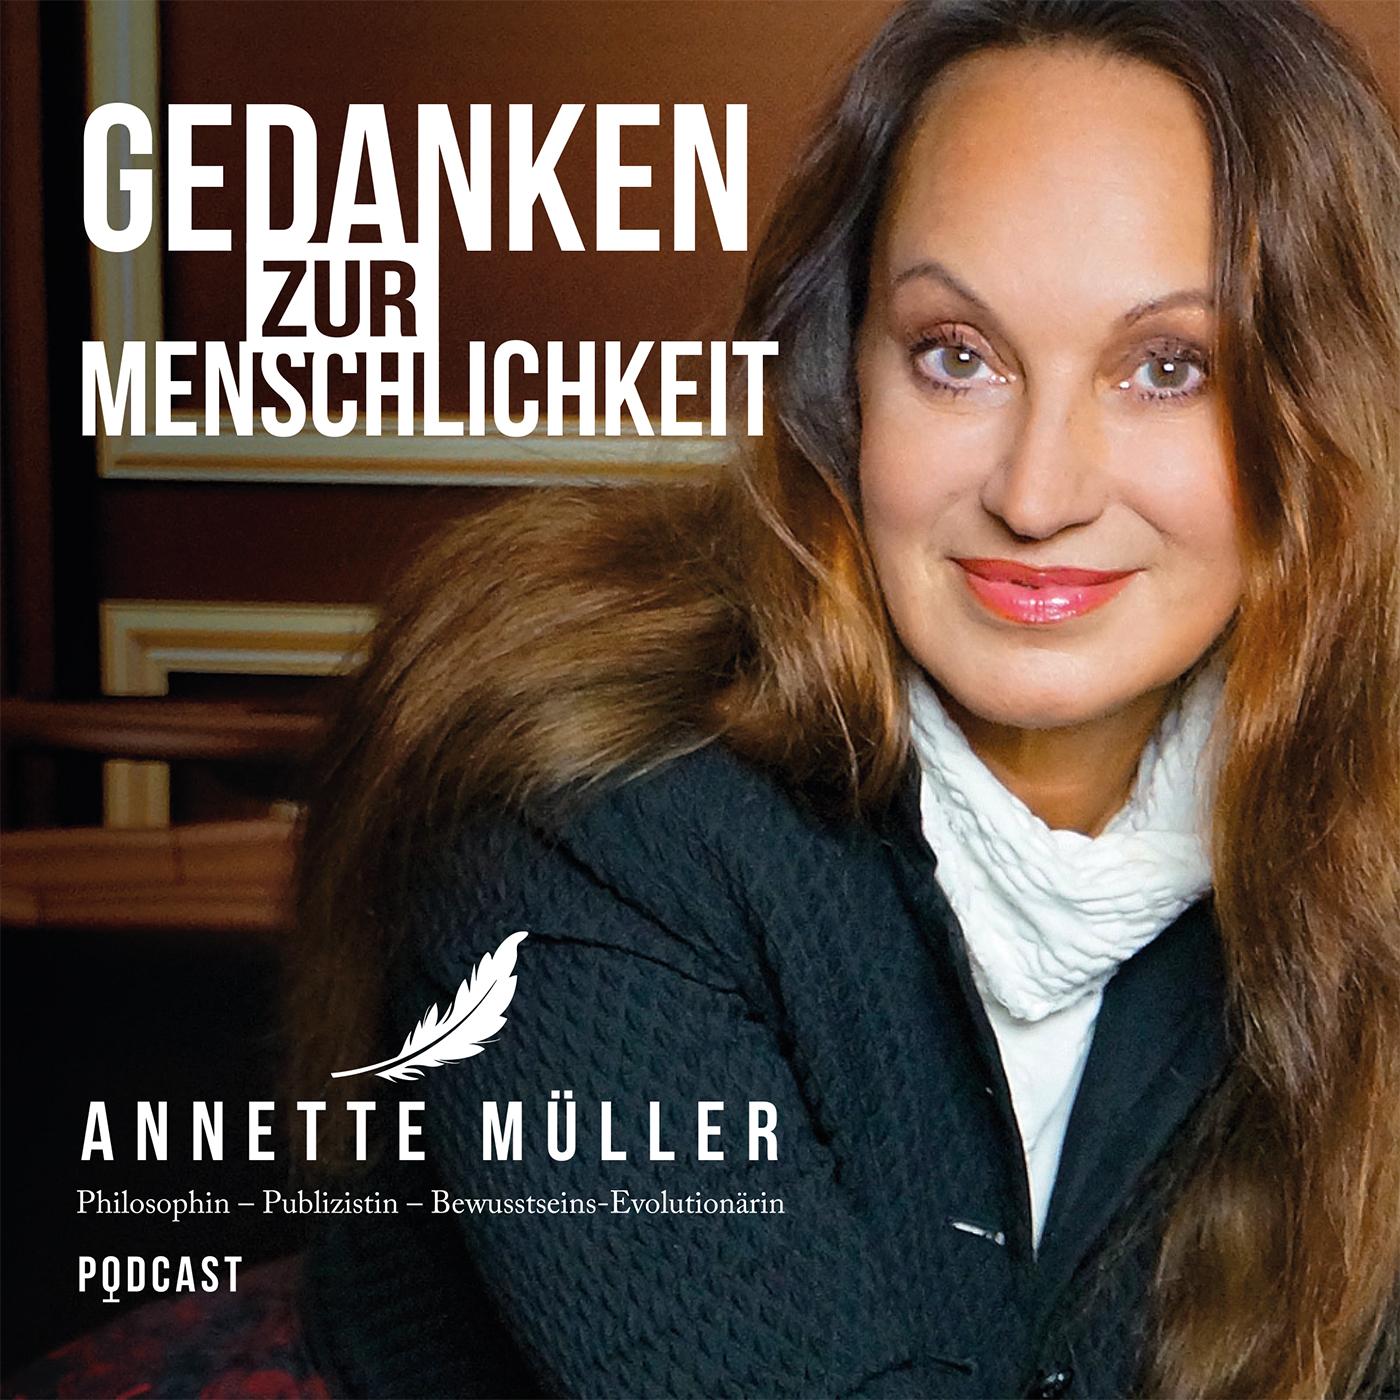 Artwork for podcast Gedanken zur Menschlichkeit